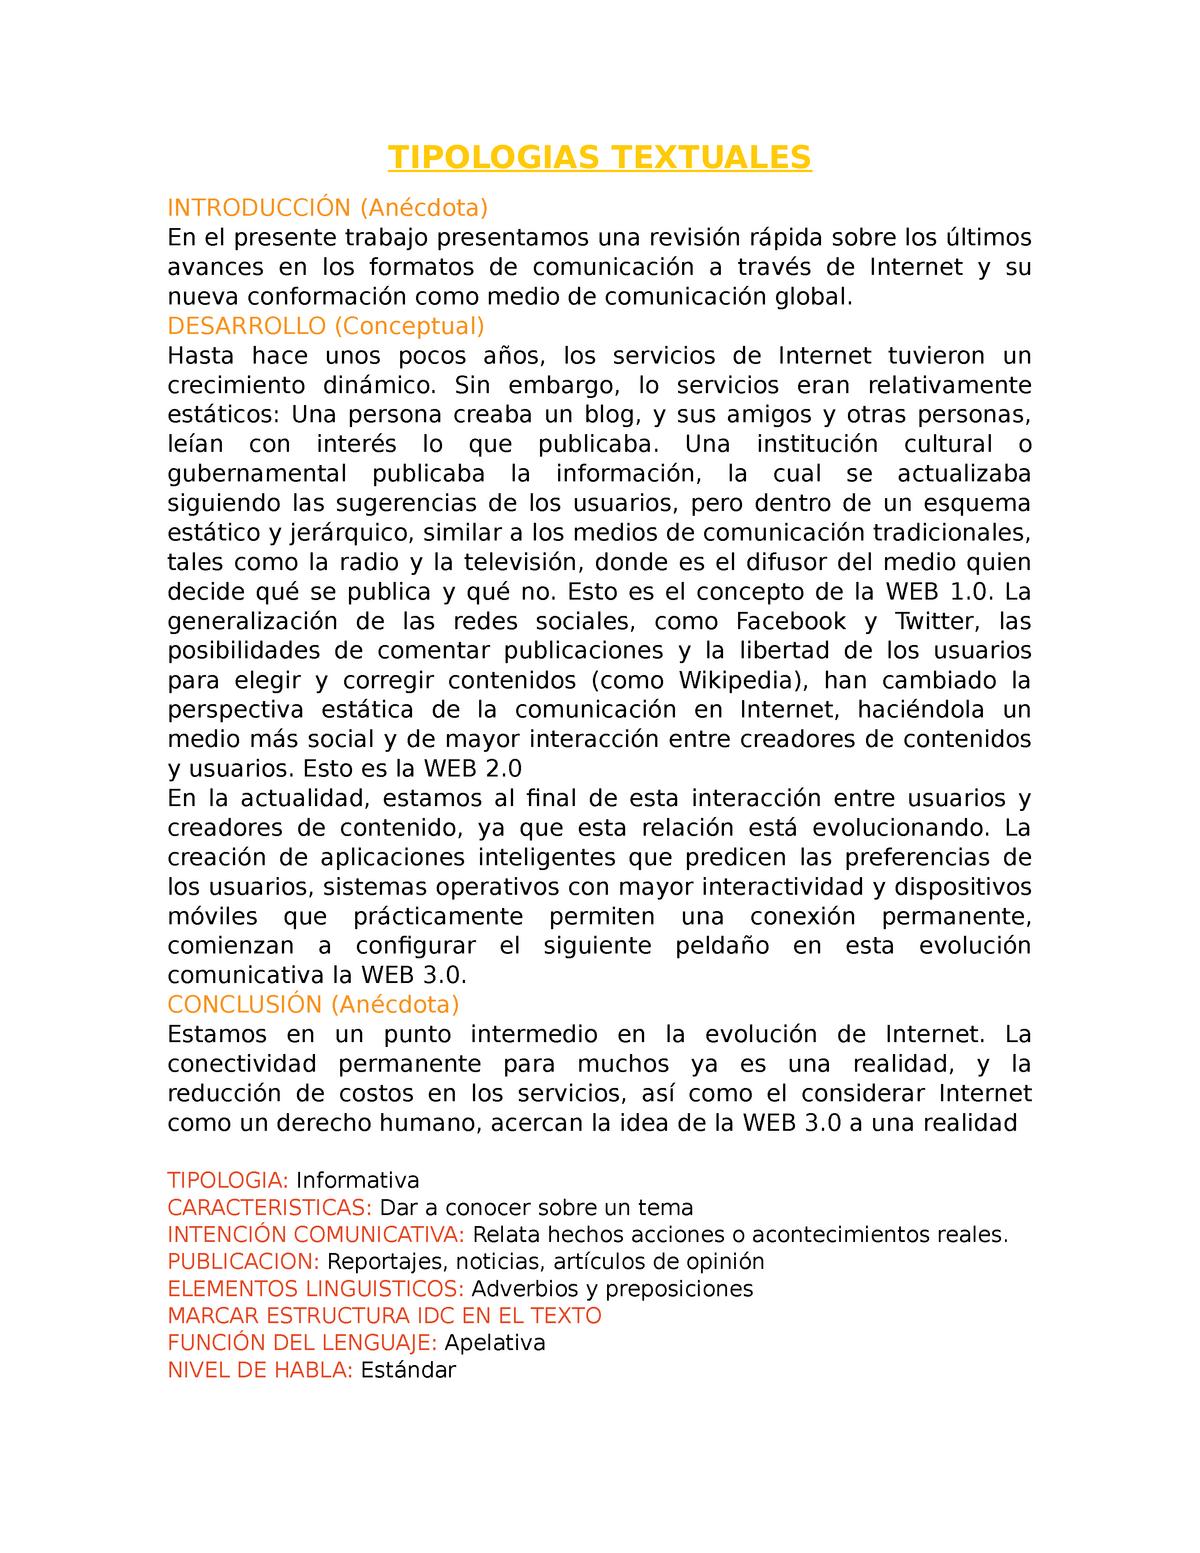 Tipologias Textuales Ciencias Sociales Sociales Uanl